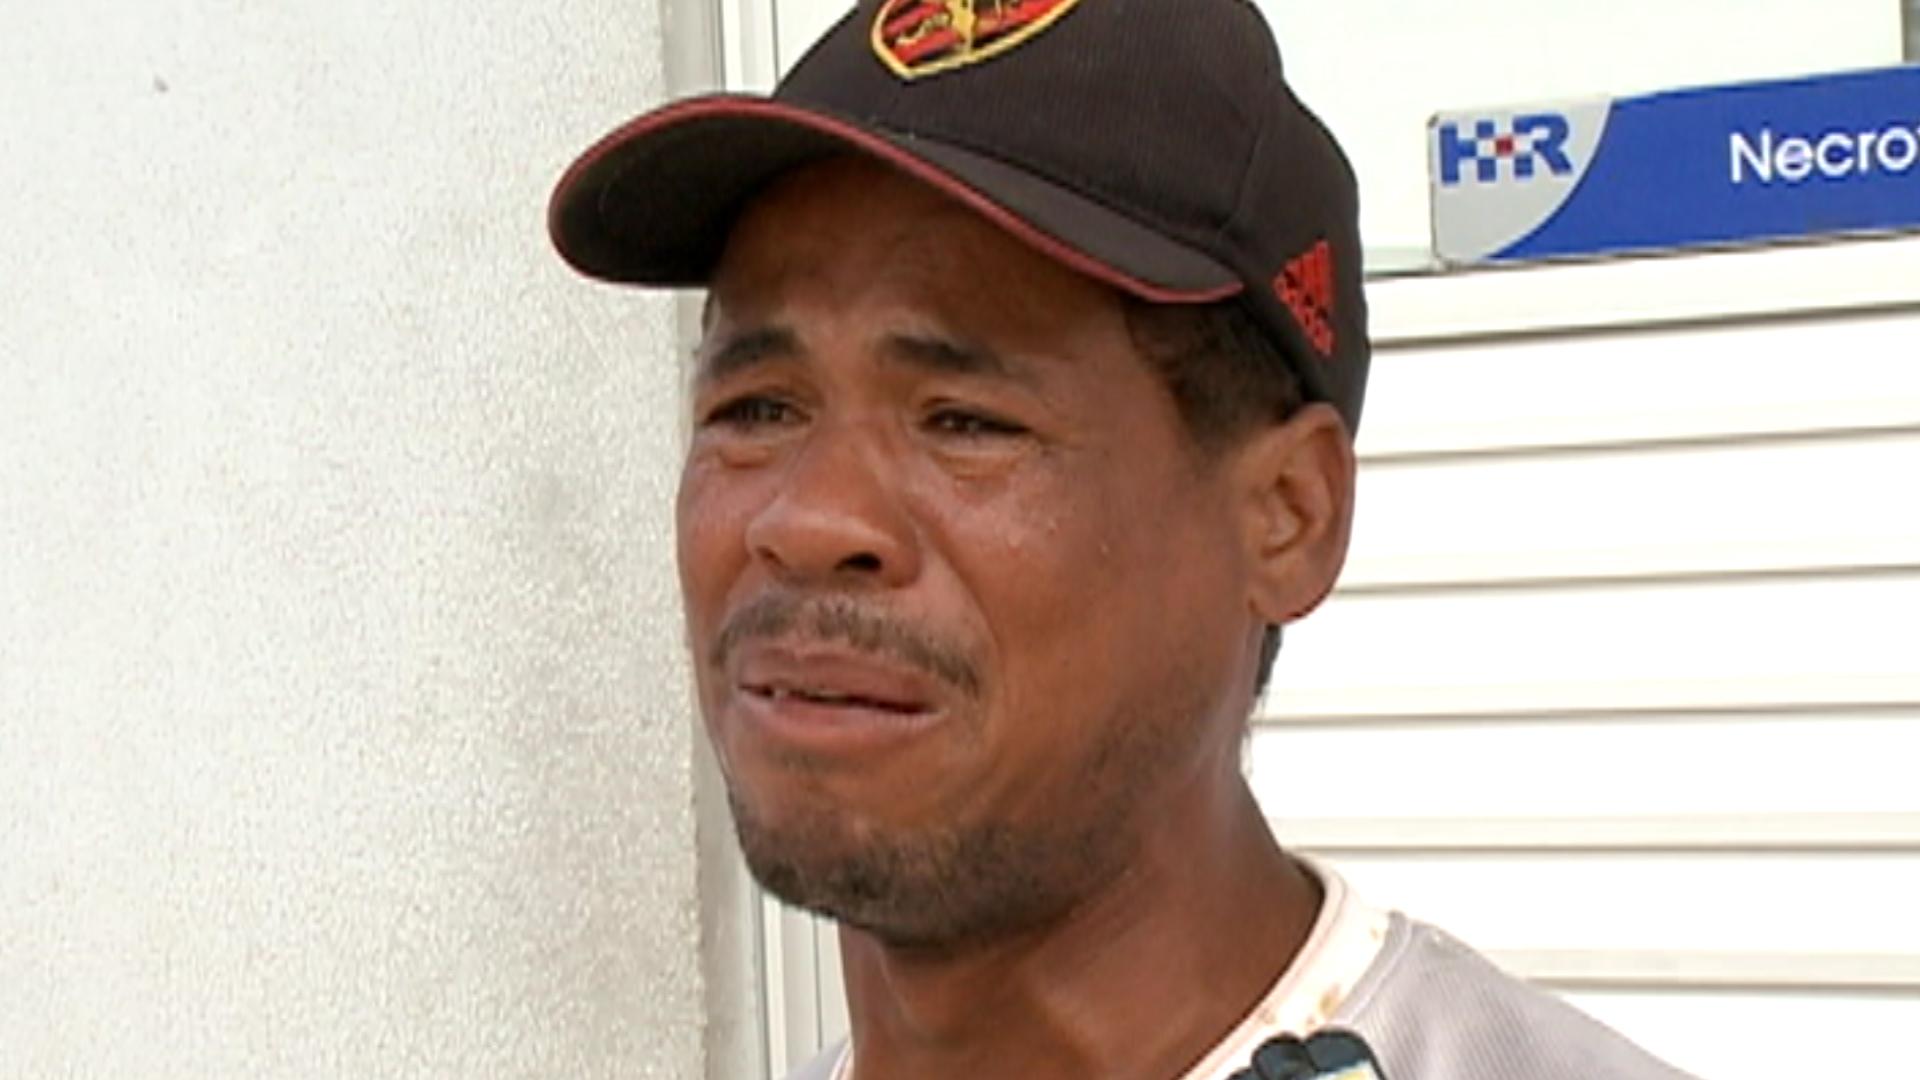 Antônio Carlos quer que os culpados pela morte do filho sejam punidos